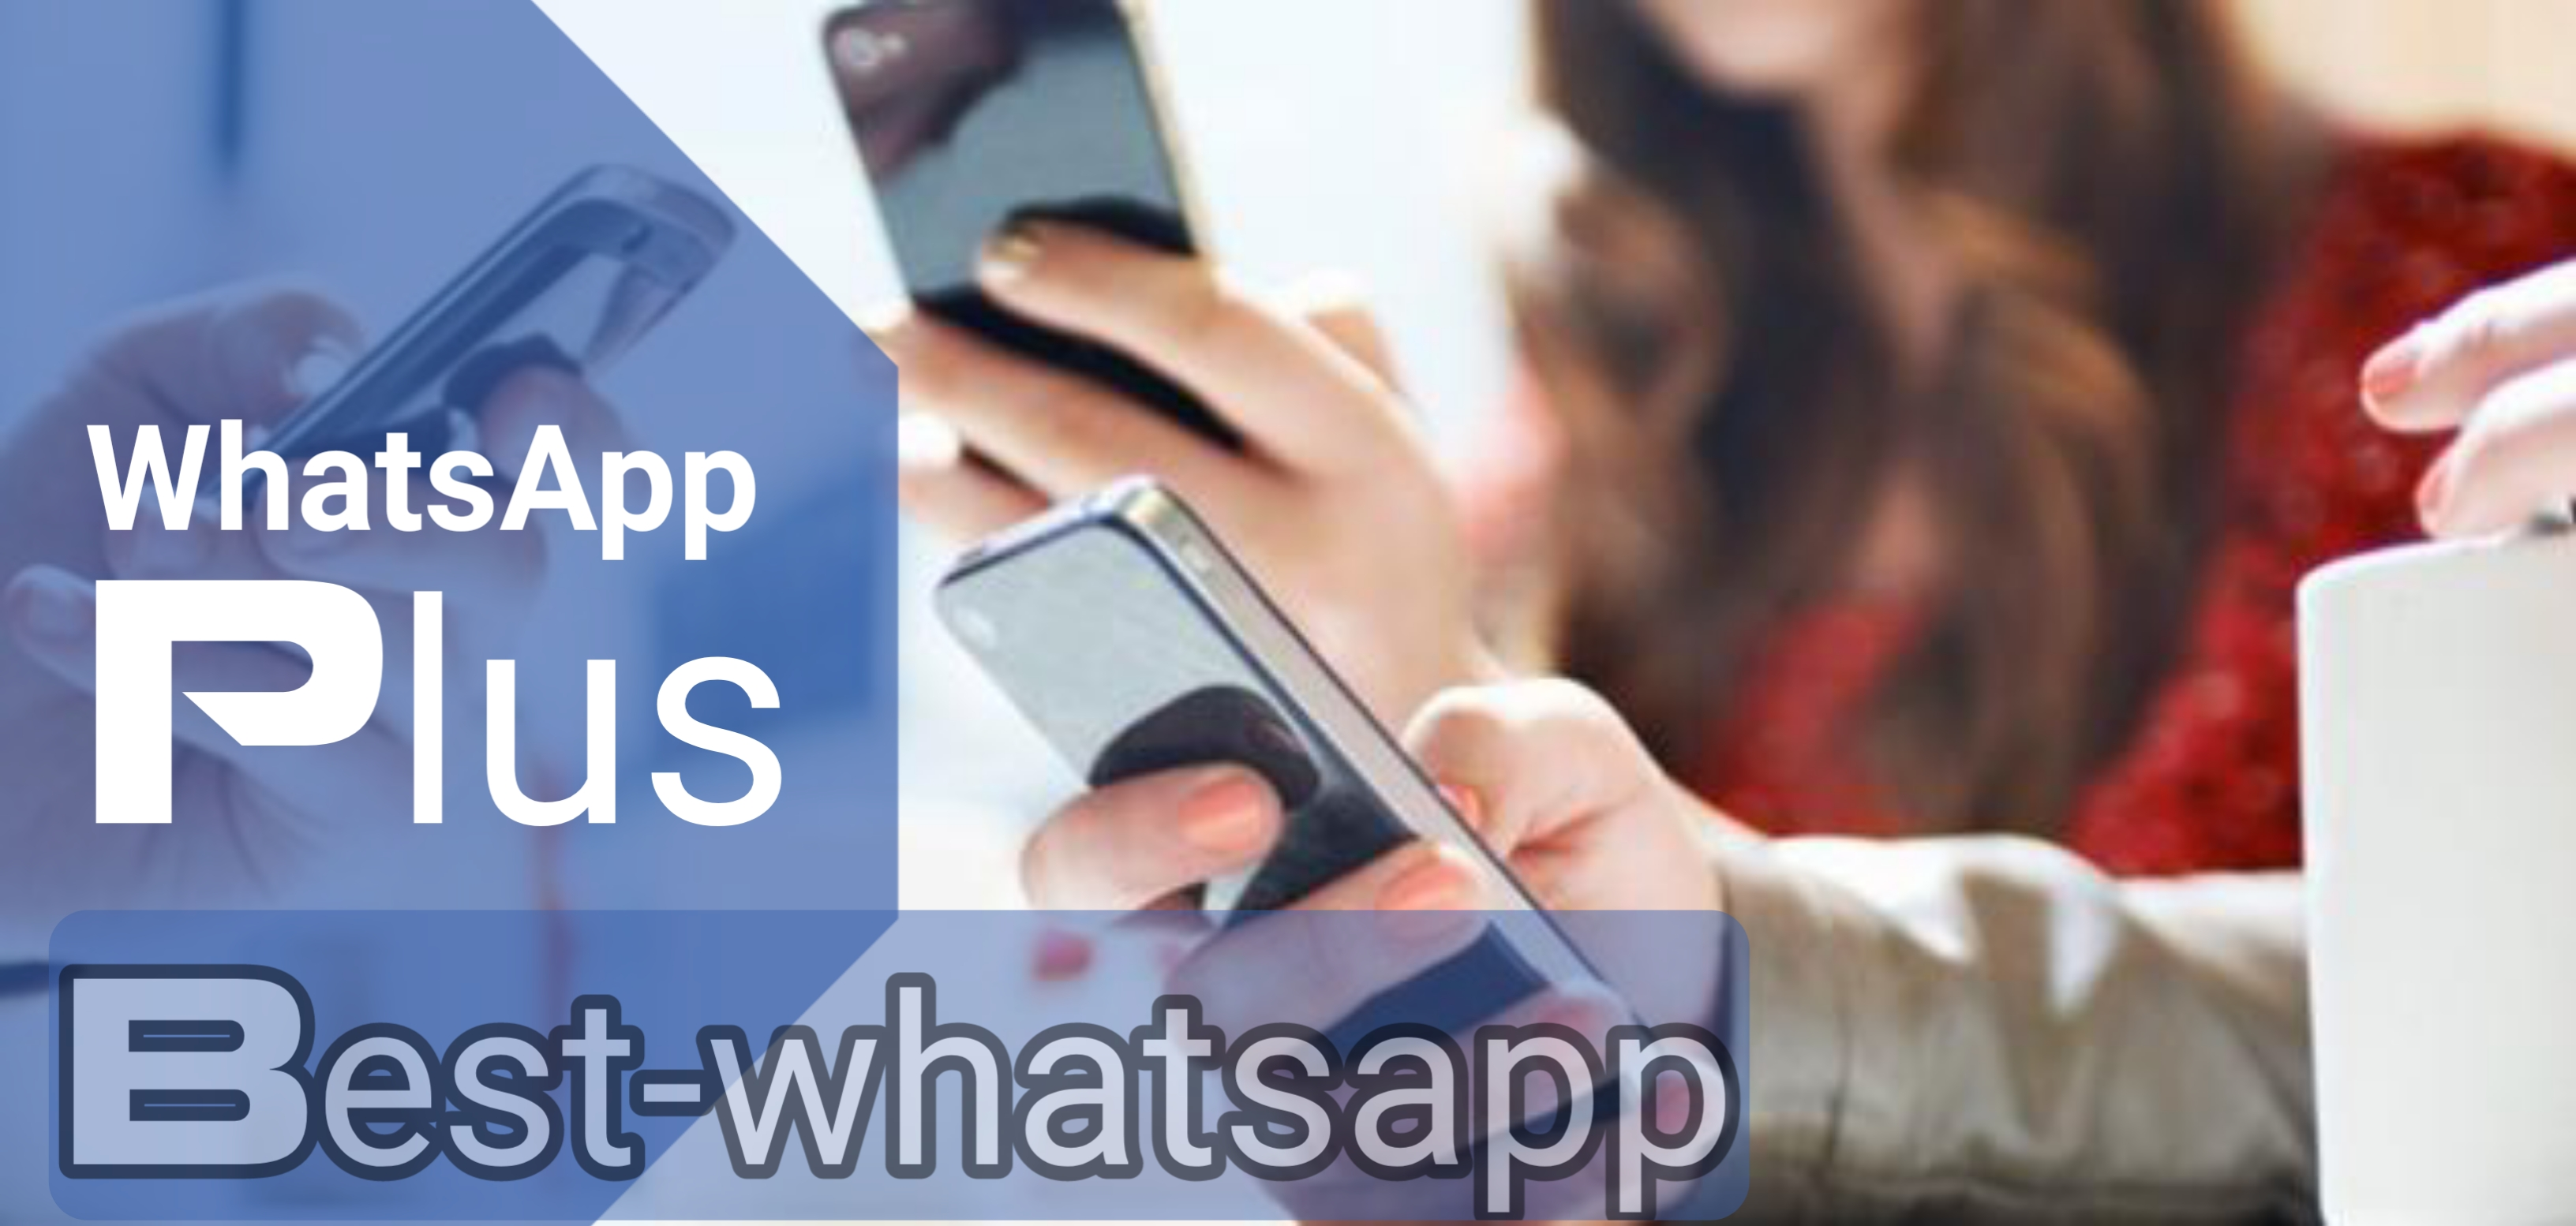 تحميل واتساب بلس آخر اصدار WhatsApp plus 2021 تحديث واتساب بلس 2021 التحديث الجديد برابط مباشر. وتس اب بلس 2021 الازرق ،الاحمر ،الاخضر، الذهبي